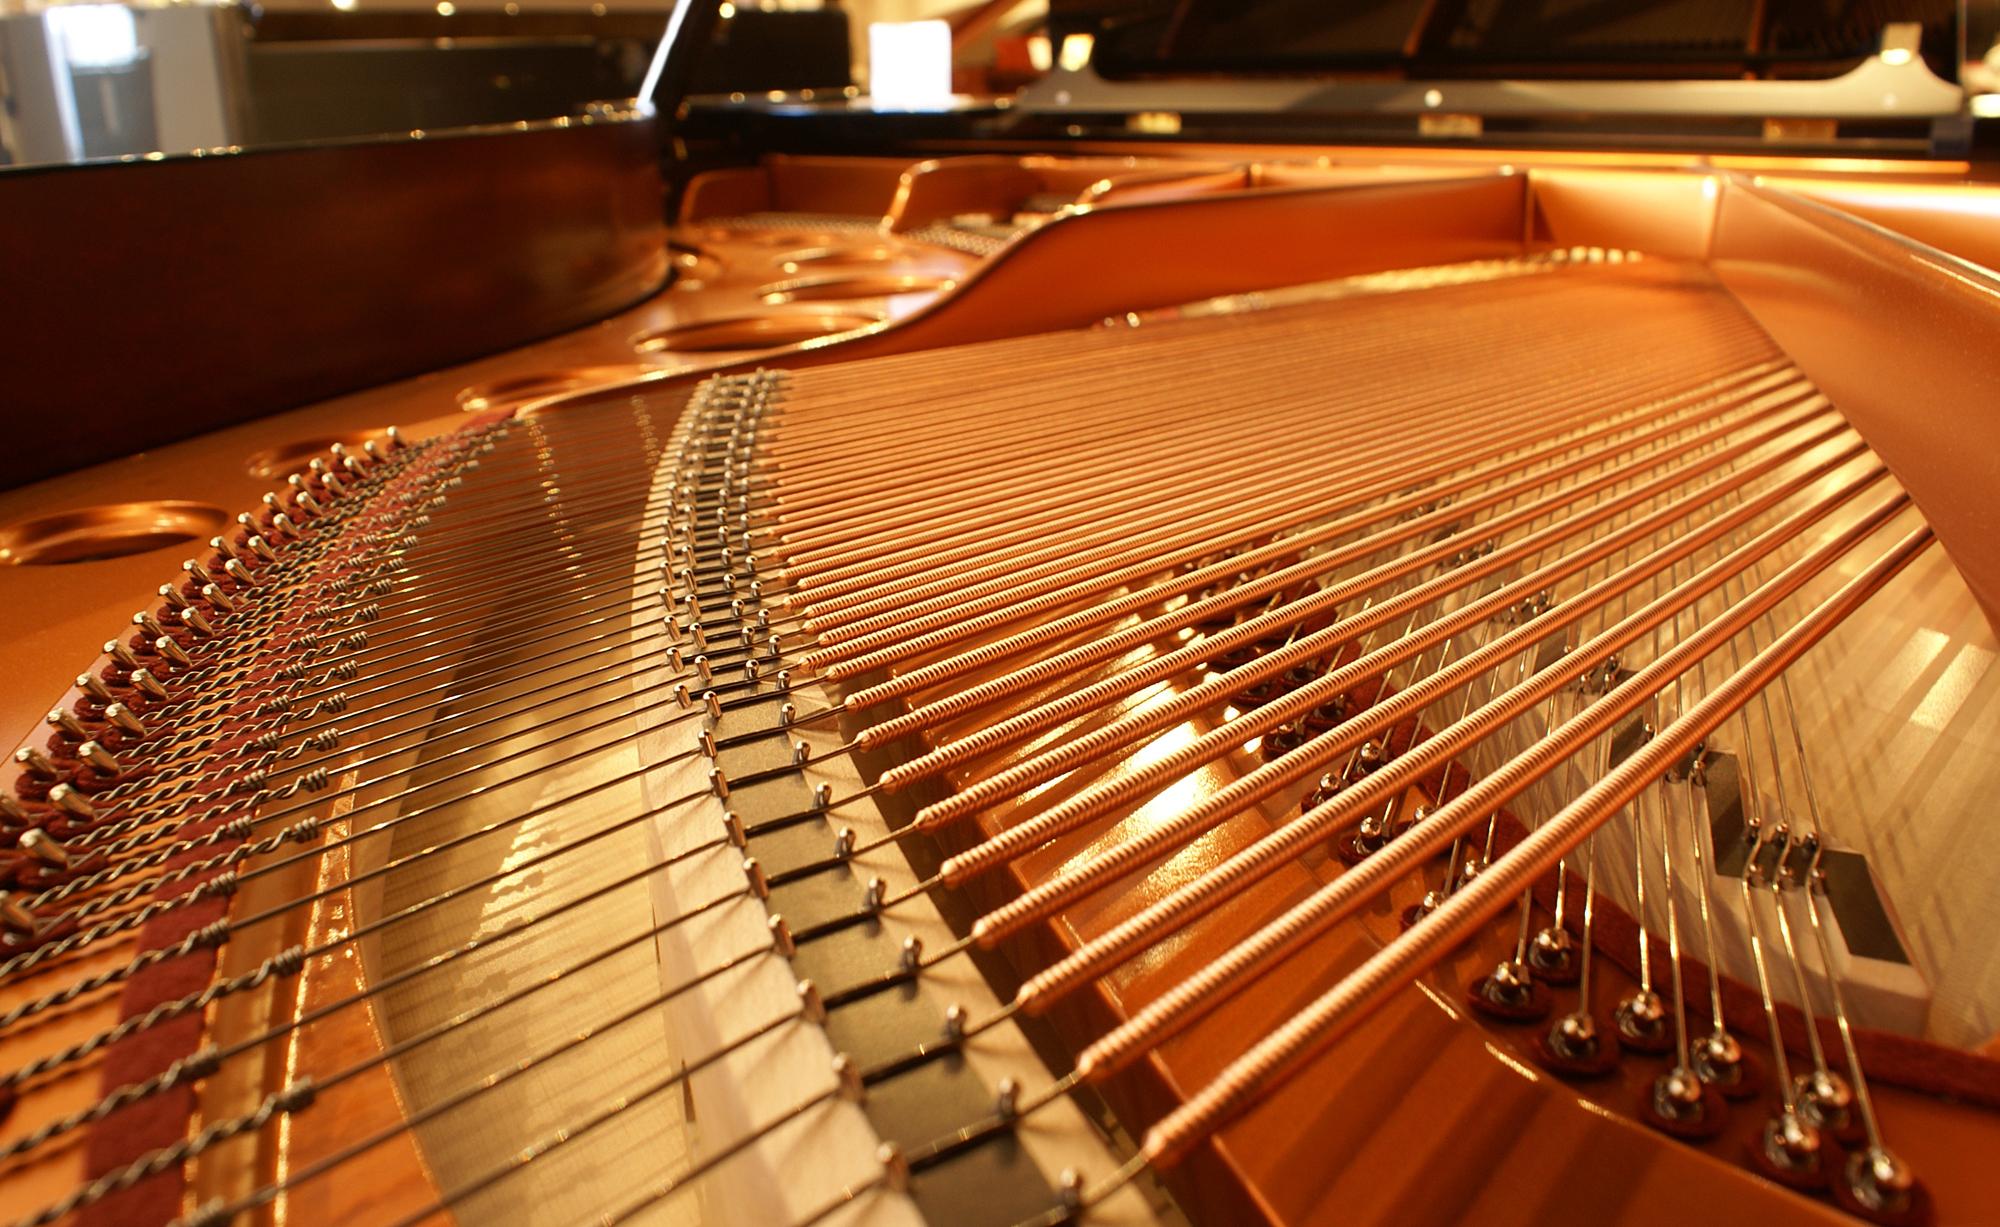 Bondi's Piano Service